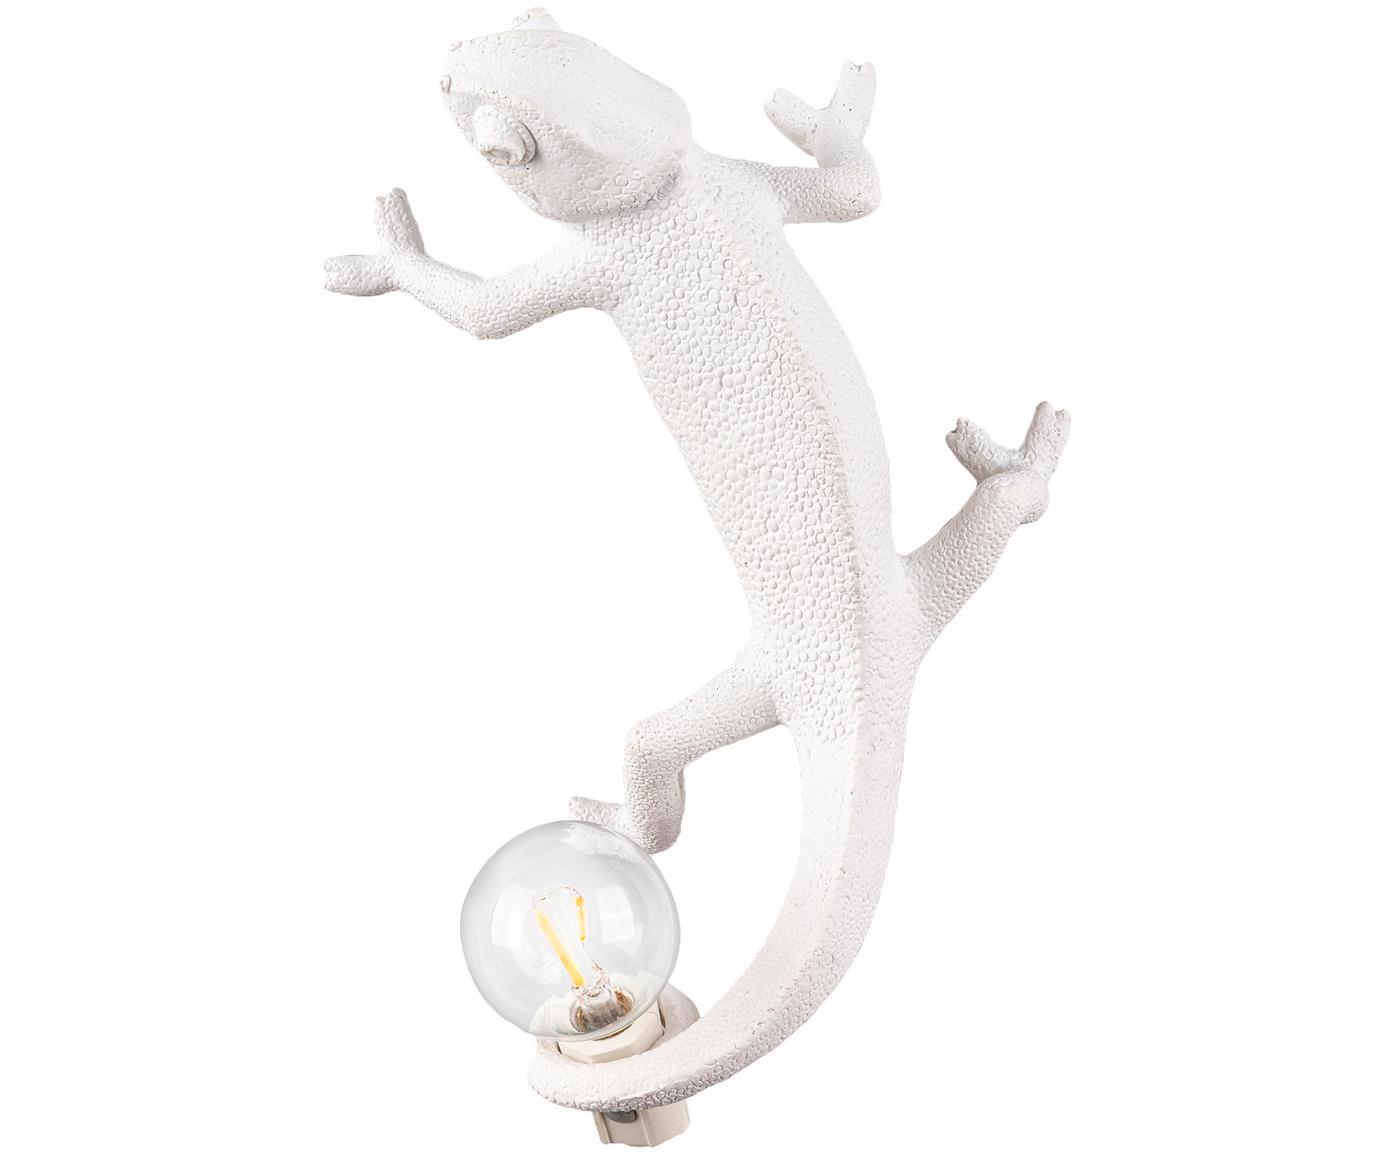 Kinkiet z wtyczką Chameleon, Poliresing, Biały, S 7 x W 17 cm